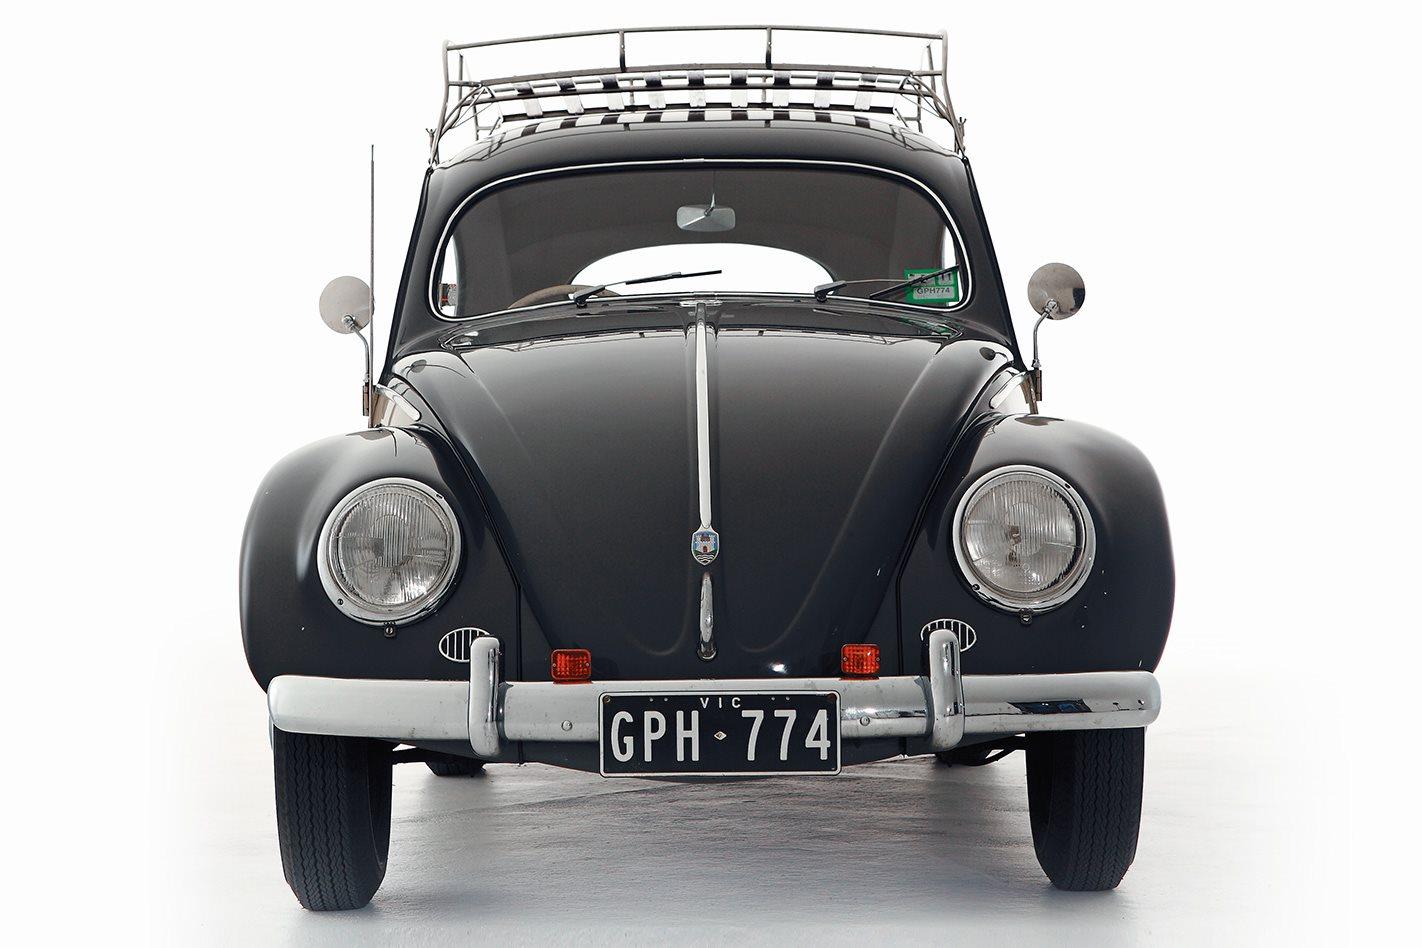 Retro: 1957 Volkswagen Beetle - Volk Hero